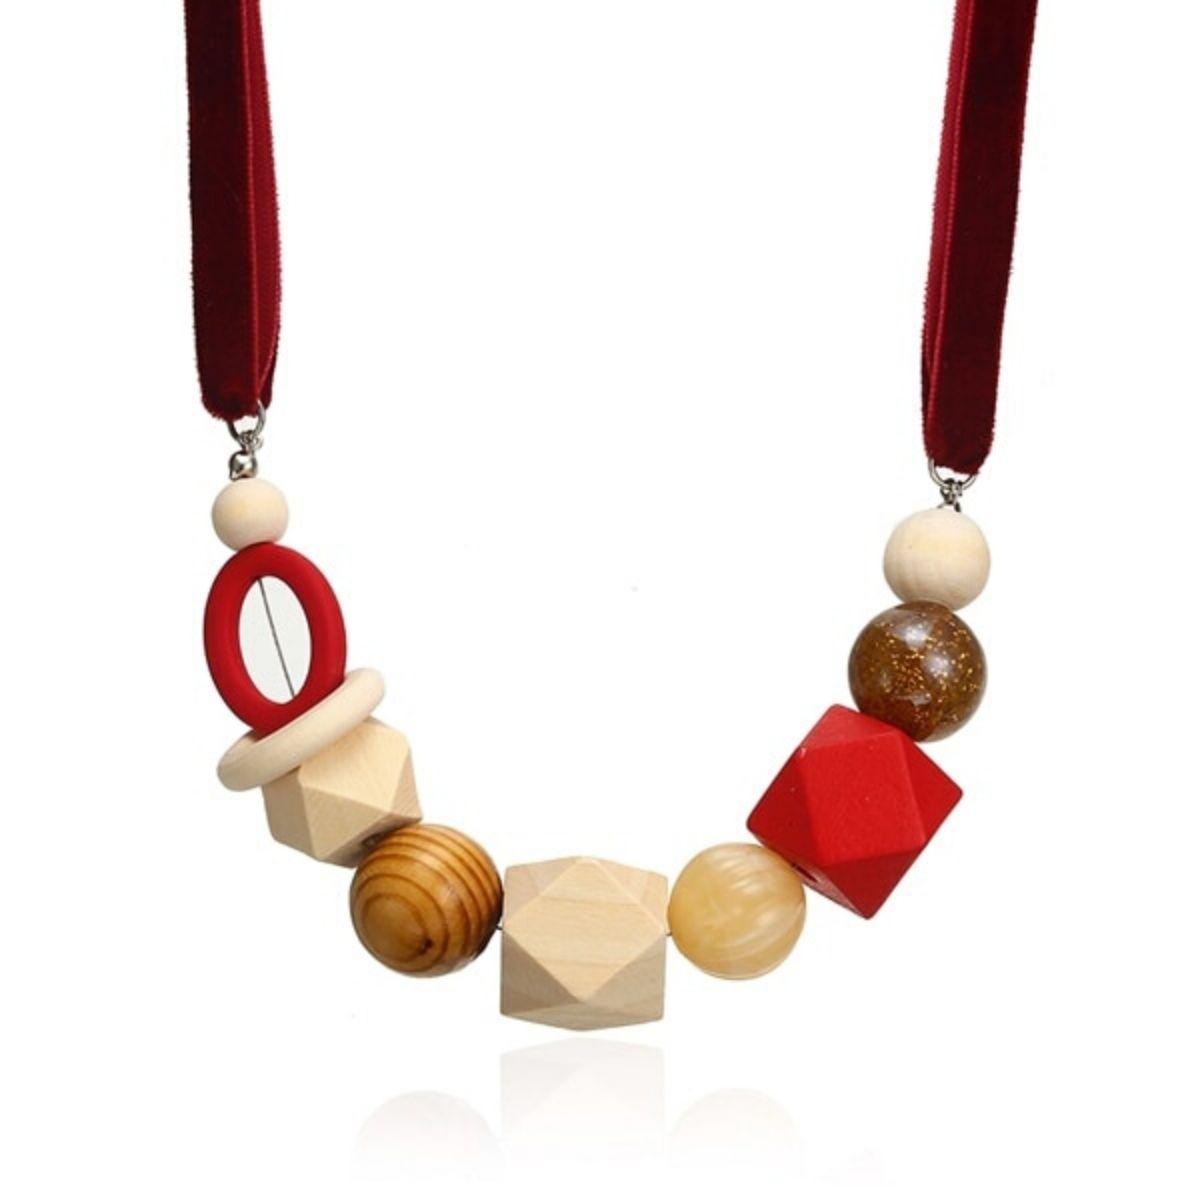 Collier tissus et pendentifs multiformes en bois et résine.